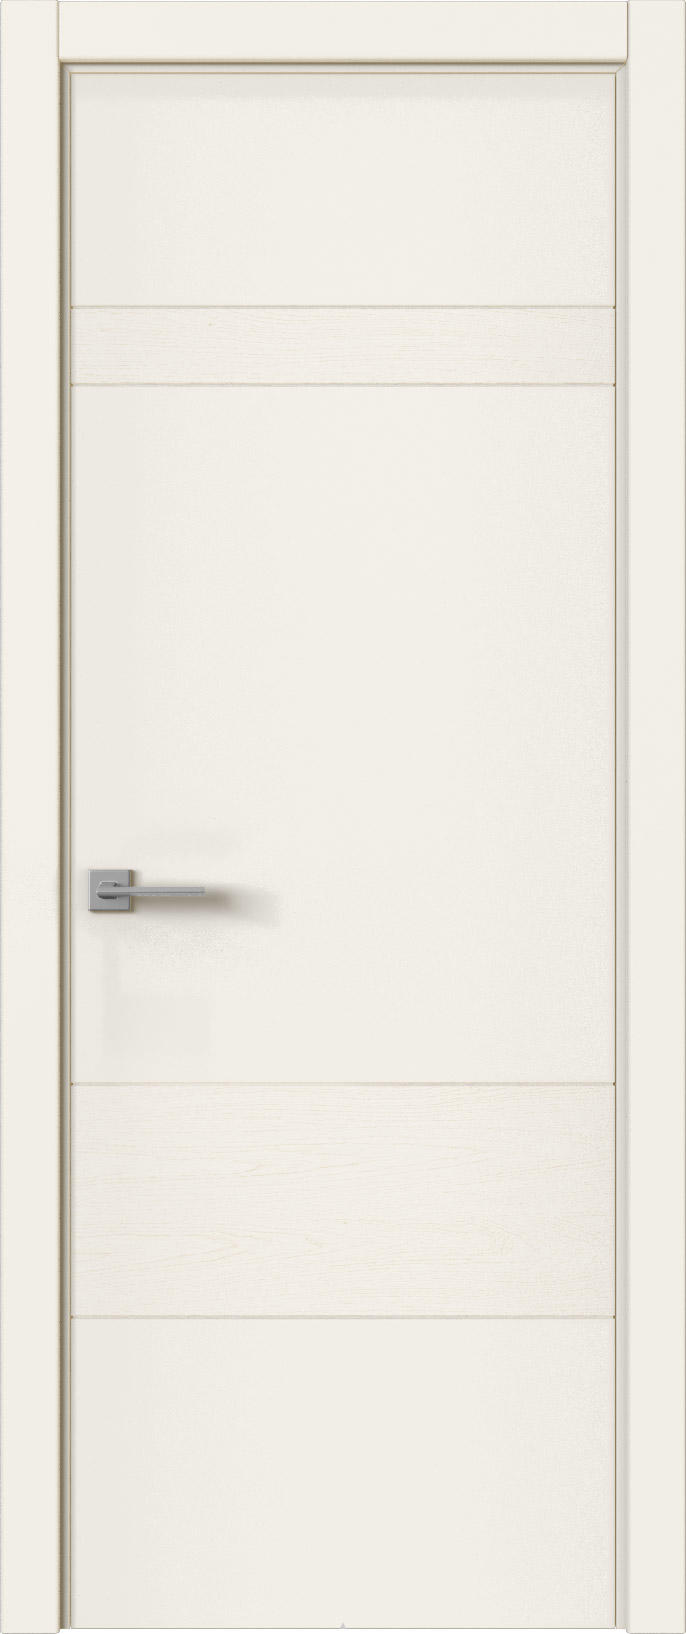 Tivoli К-2 цвет - Бежевая эмаль-эмаль по шпону (RAL 9010) Без стекла (ДГ)